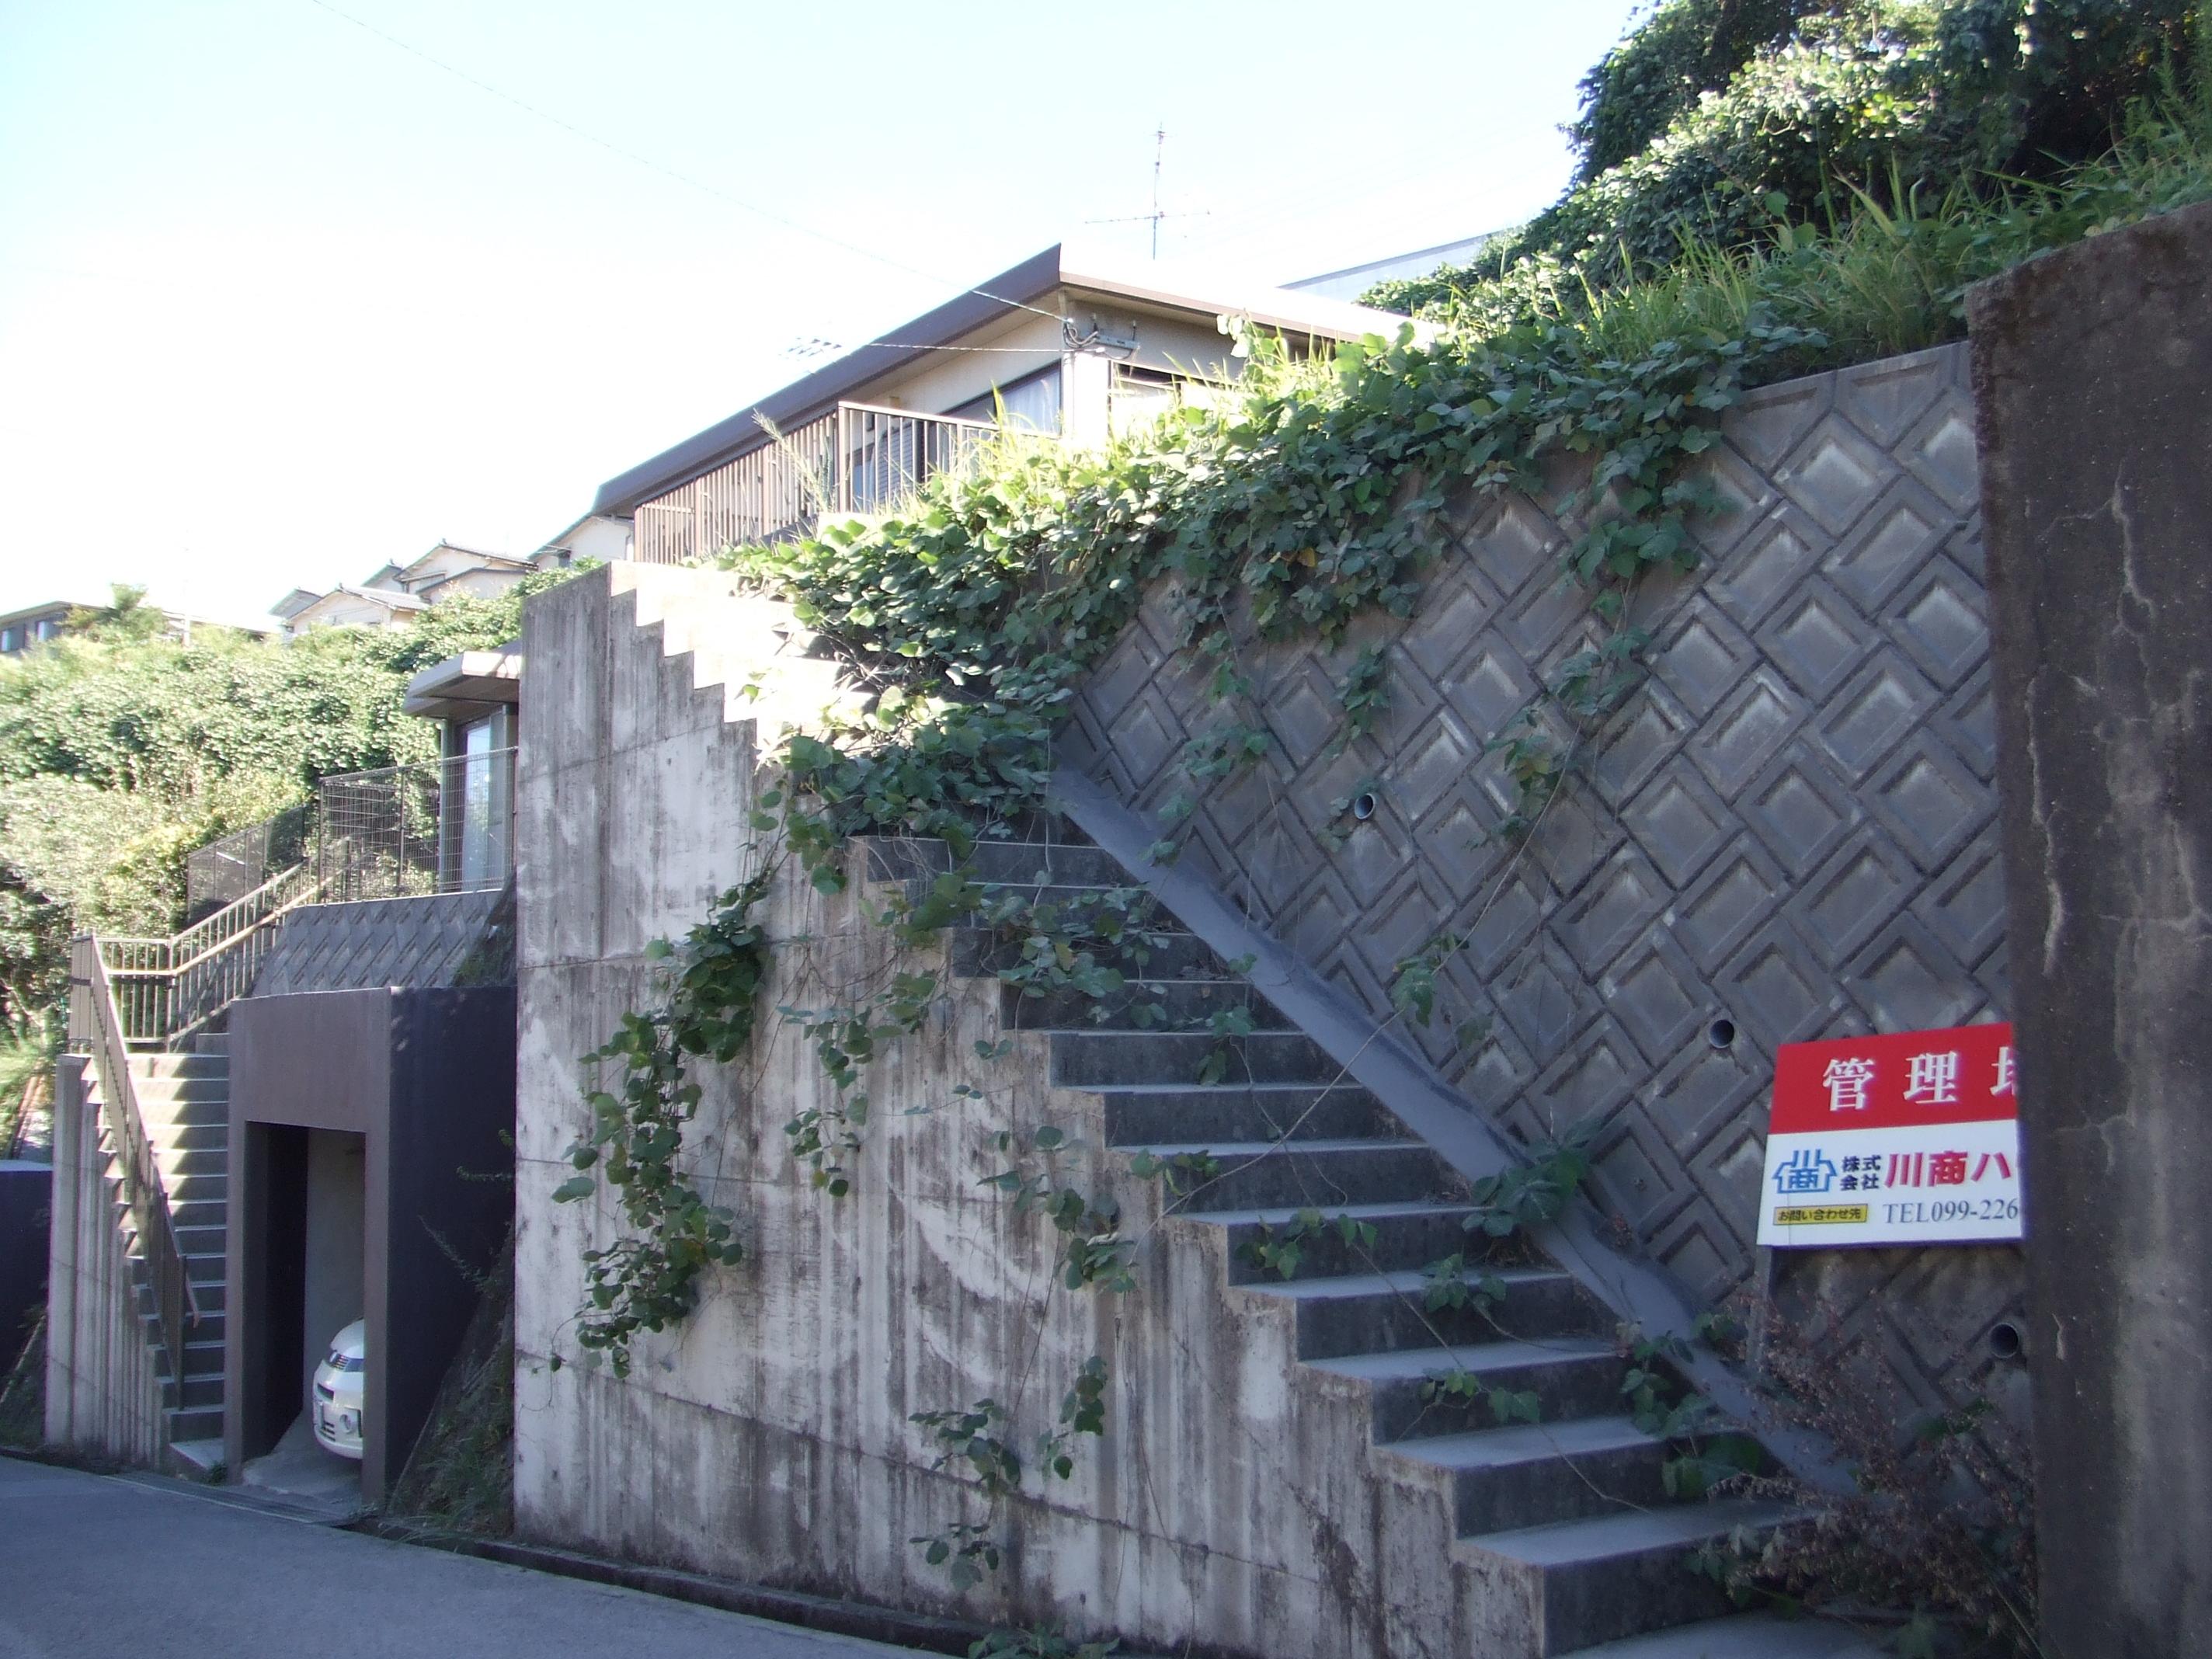 田上5丁目 (2)